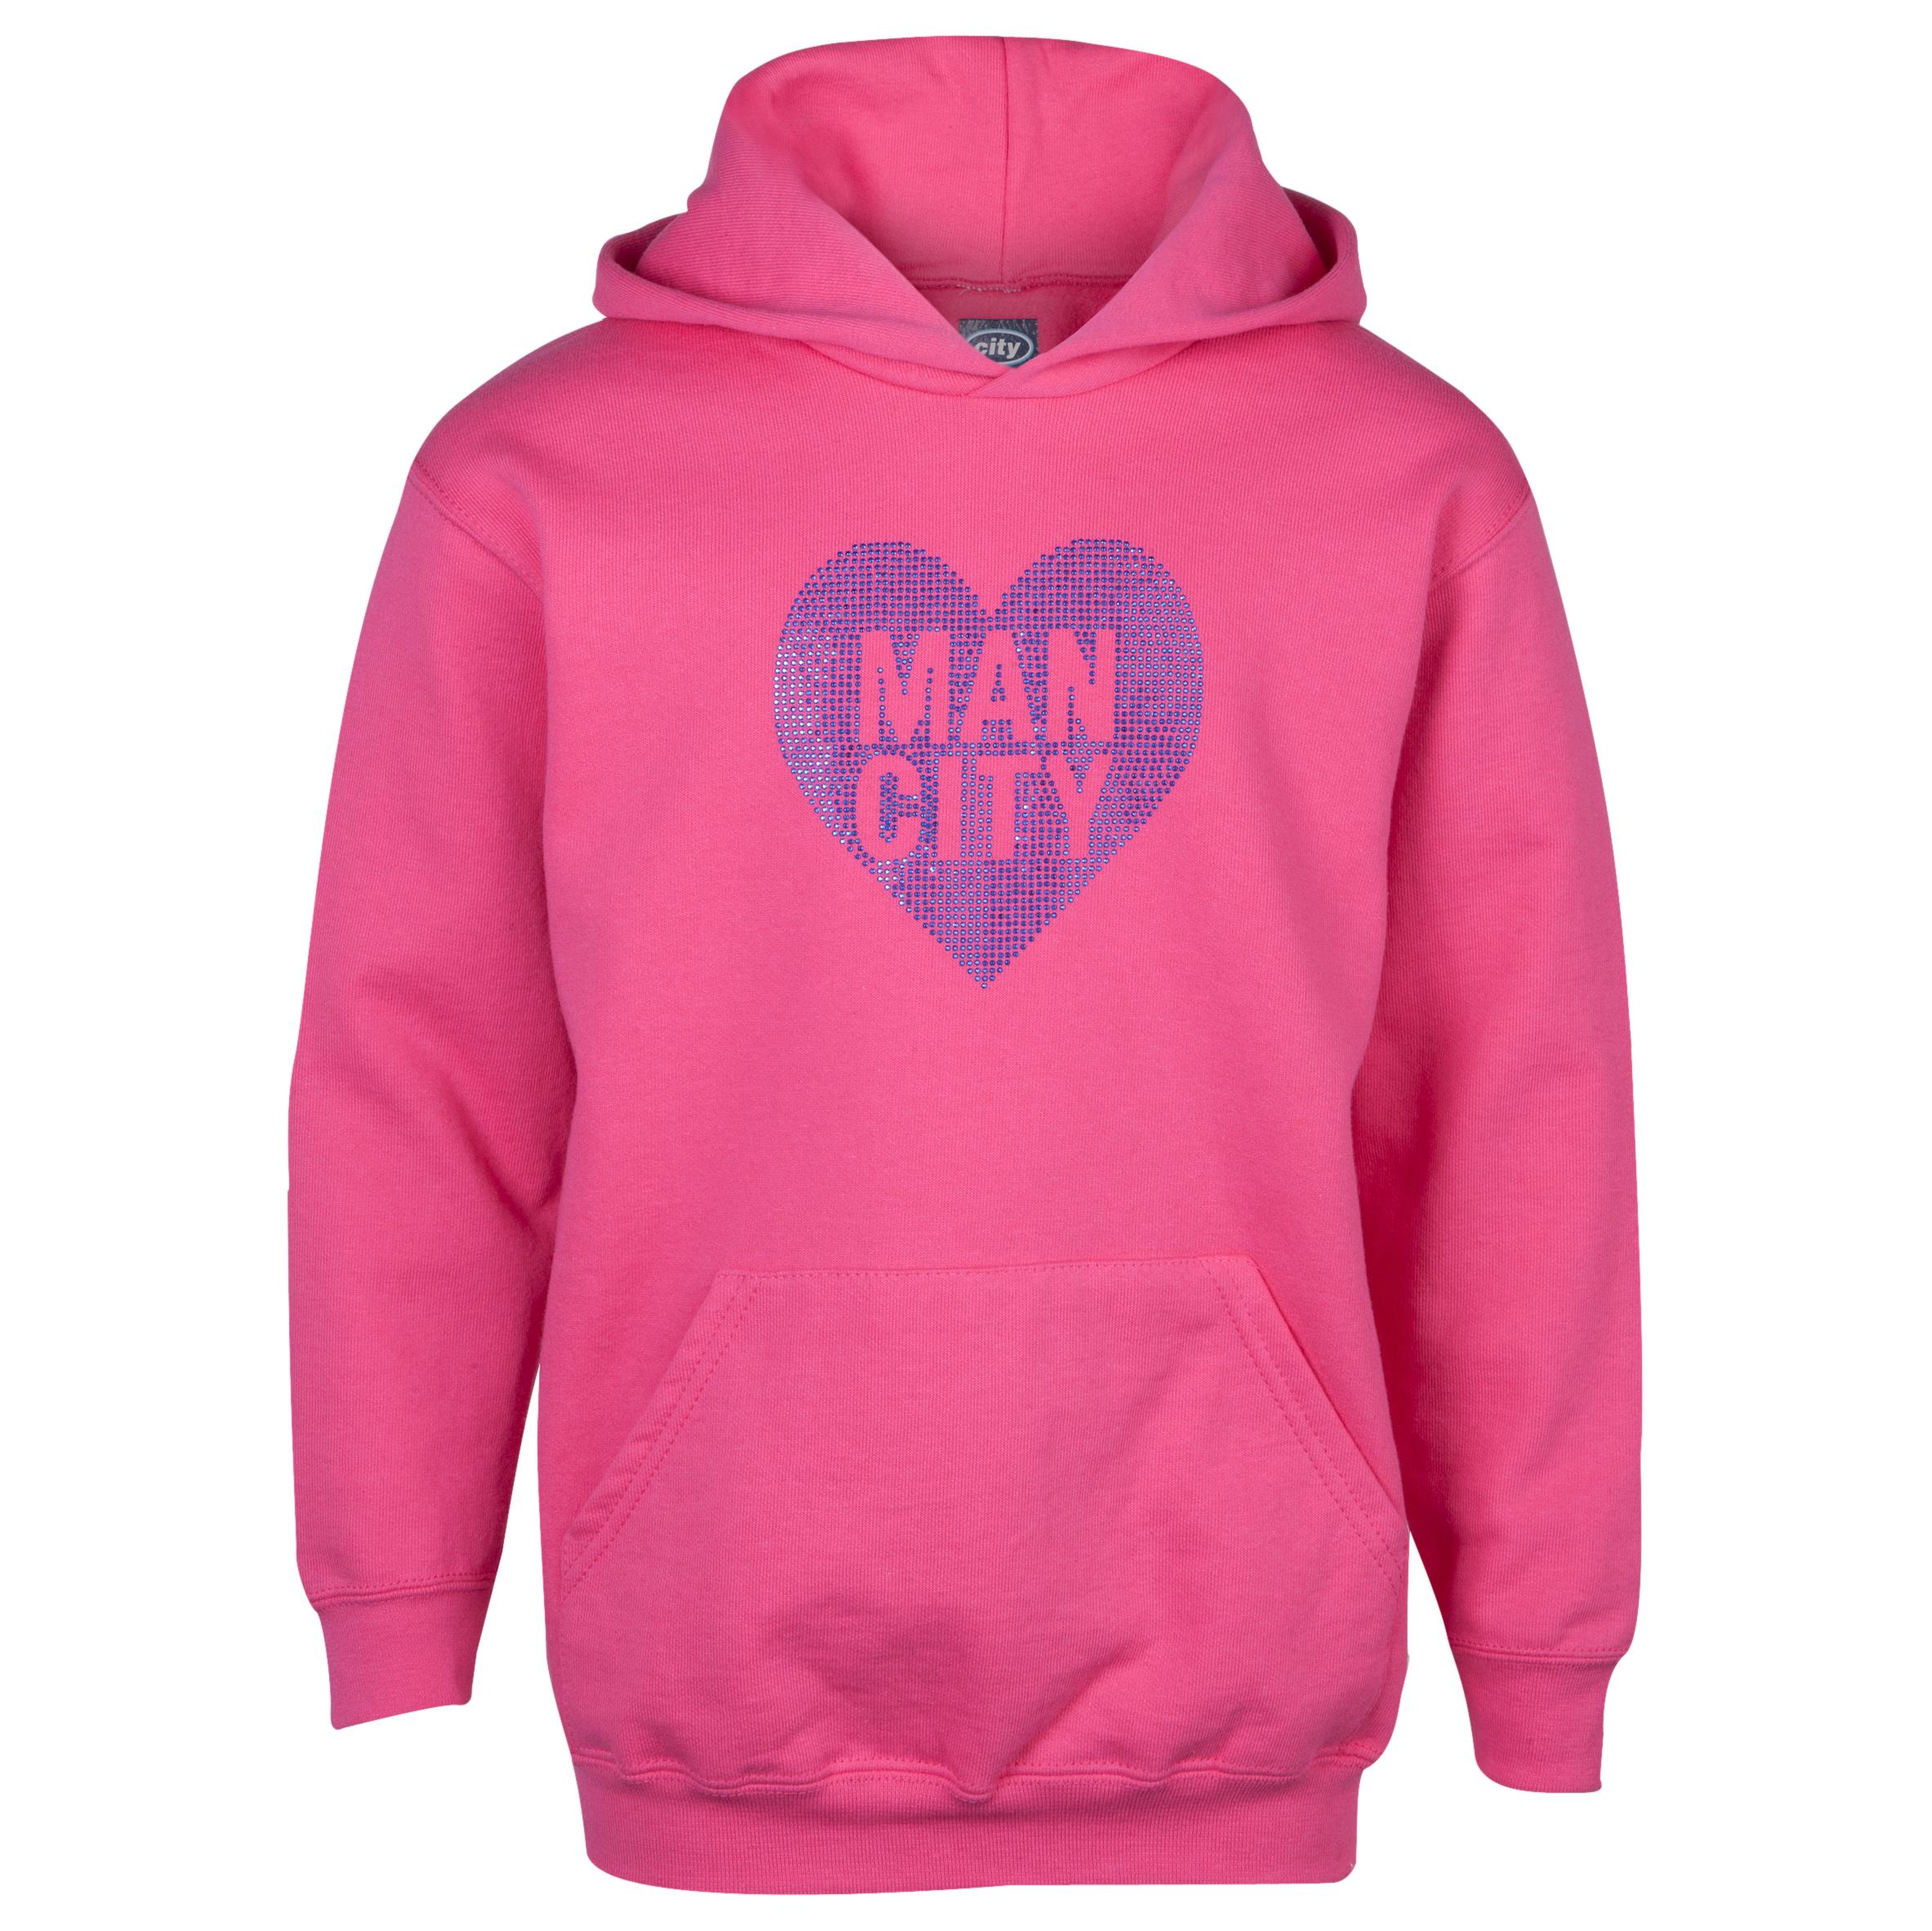 Manchester City Rhinestone Hoodie- Girls Pink